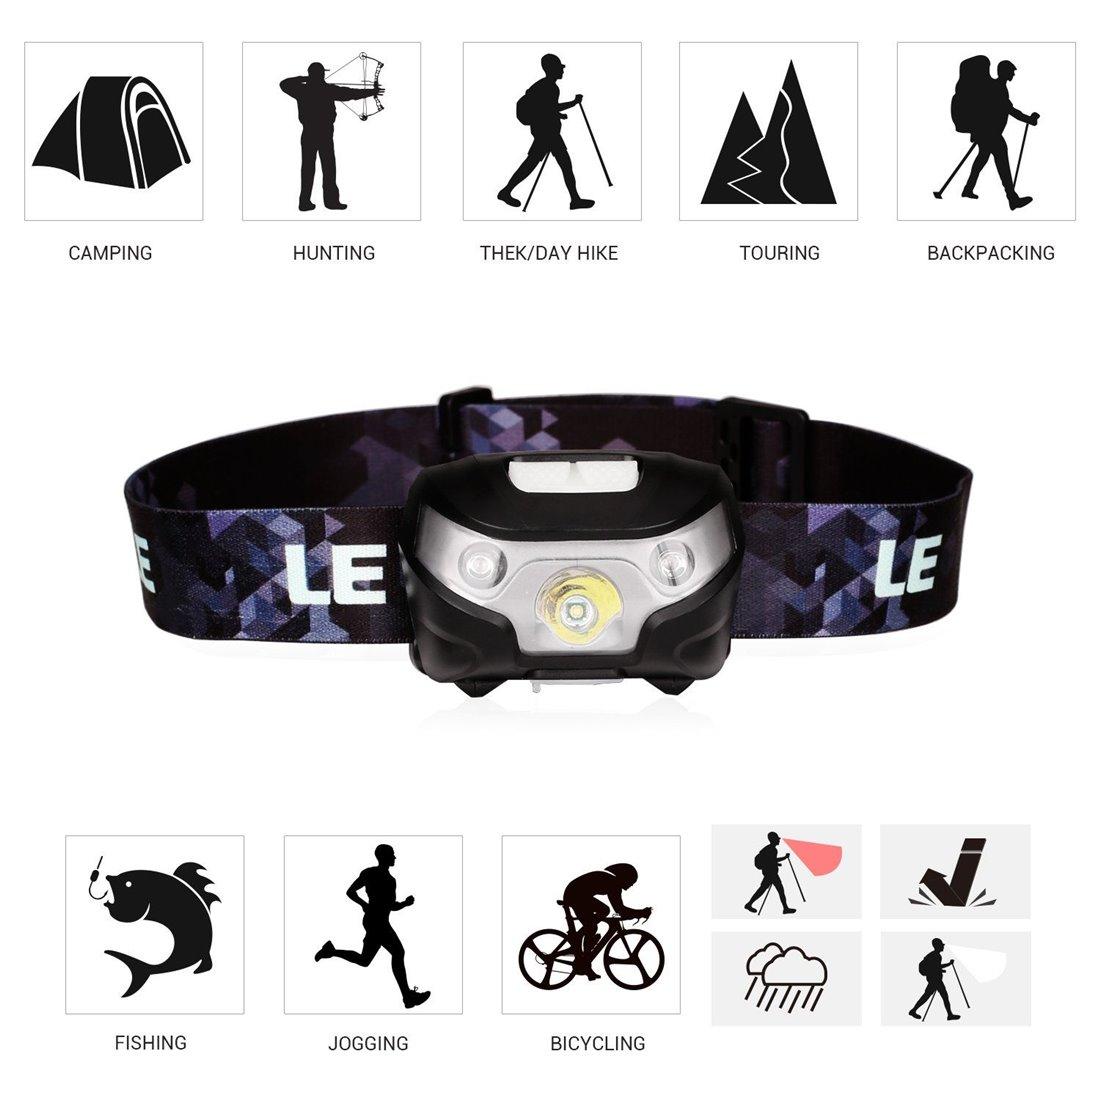 LE Lampe Frontale LED Rechargeable, Orientable, Câble USB Inclus, 5 Modes 6000K